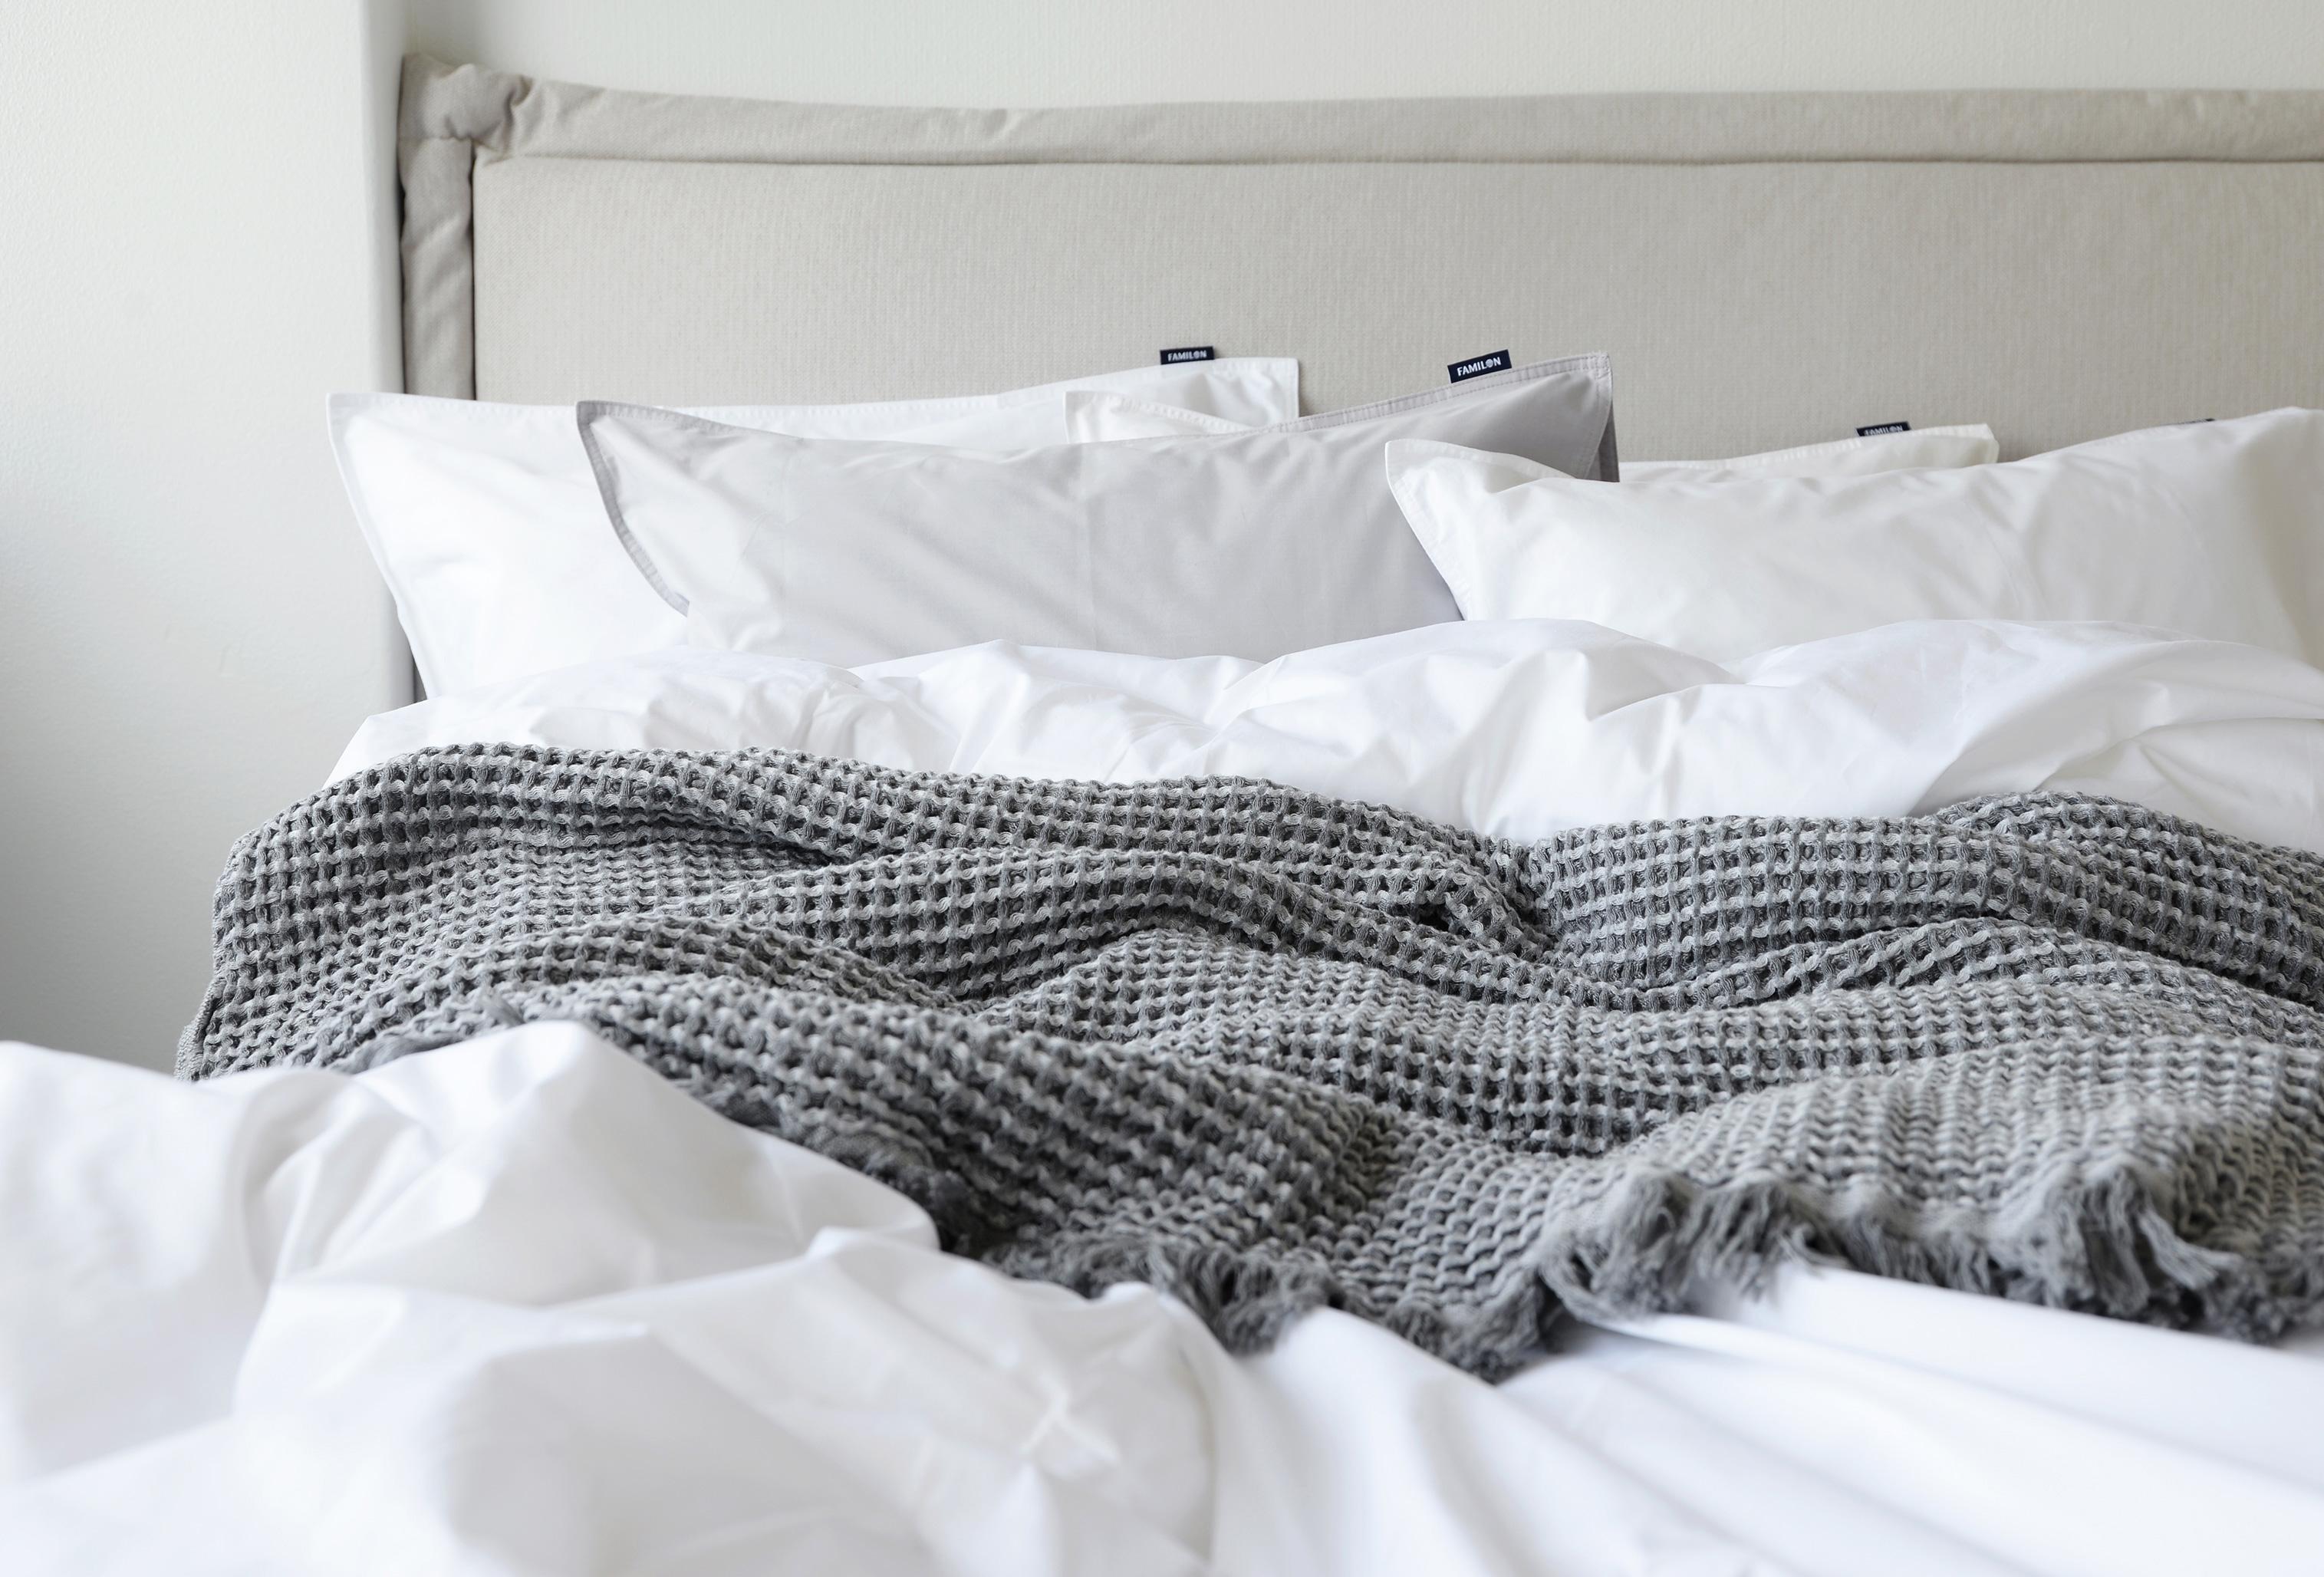 Uutta ilmettä makuuhuoneeseen edullisesti ja mukavasti - raikkailla pussilakanaseteillä